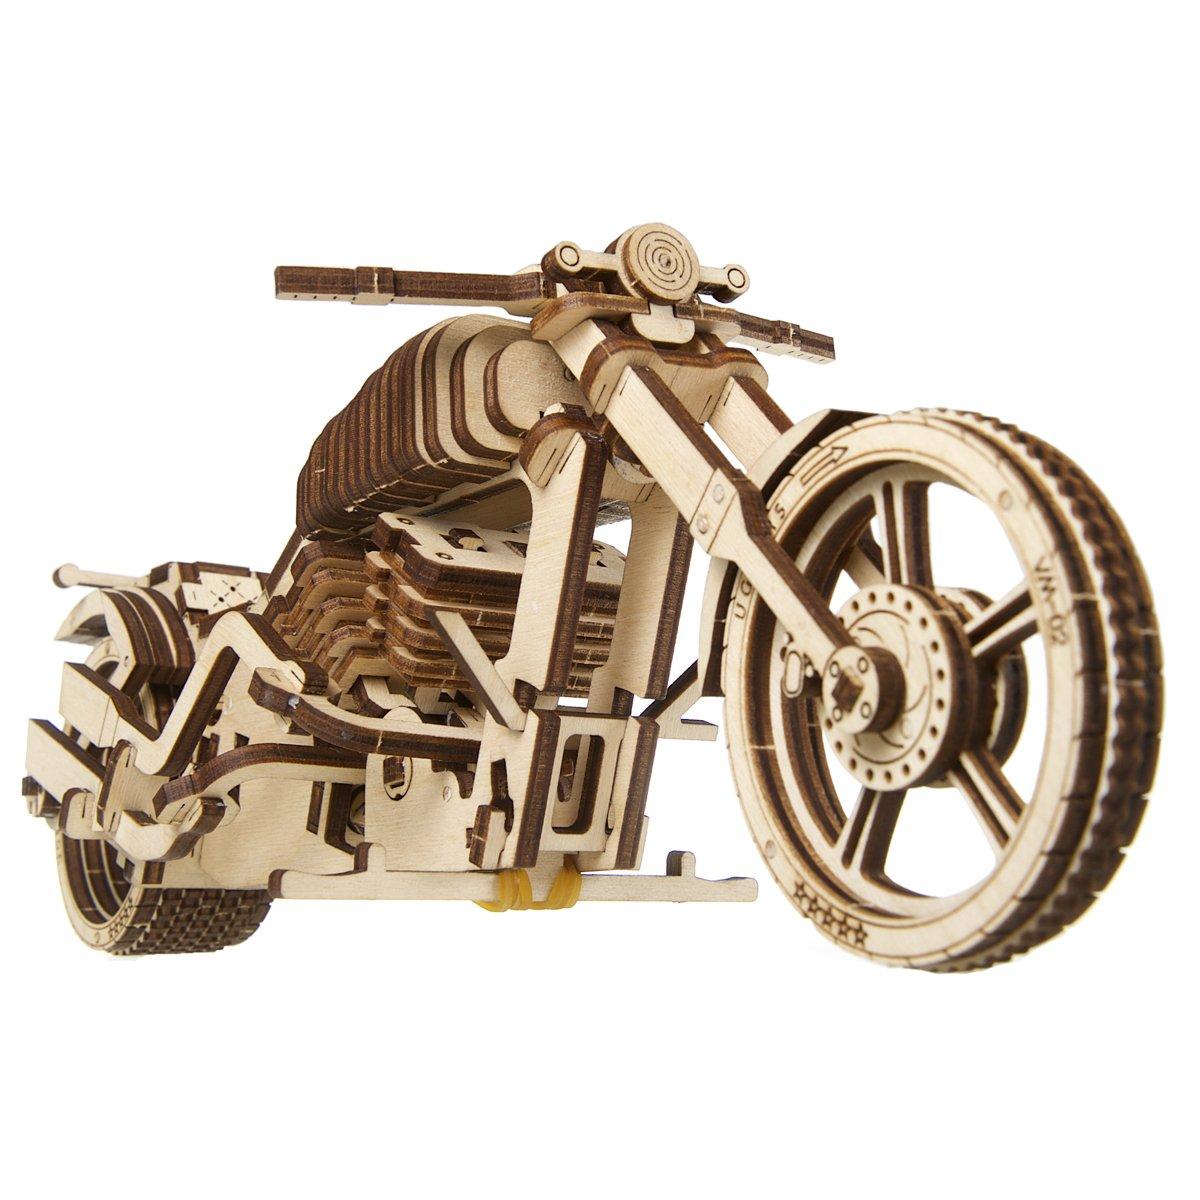 UGEARS Bike VM-02 Mechanical Wooden 3D Model Self Assembling Adult Teen Gift